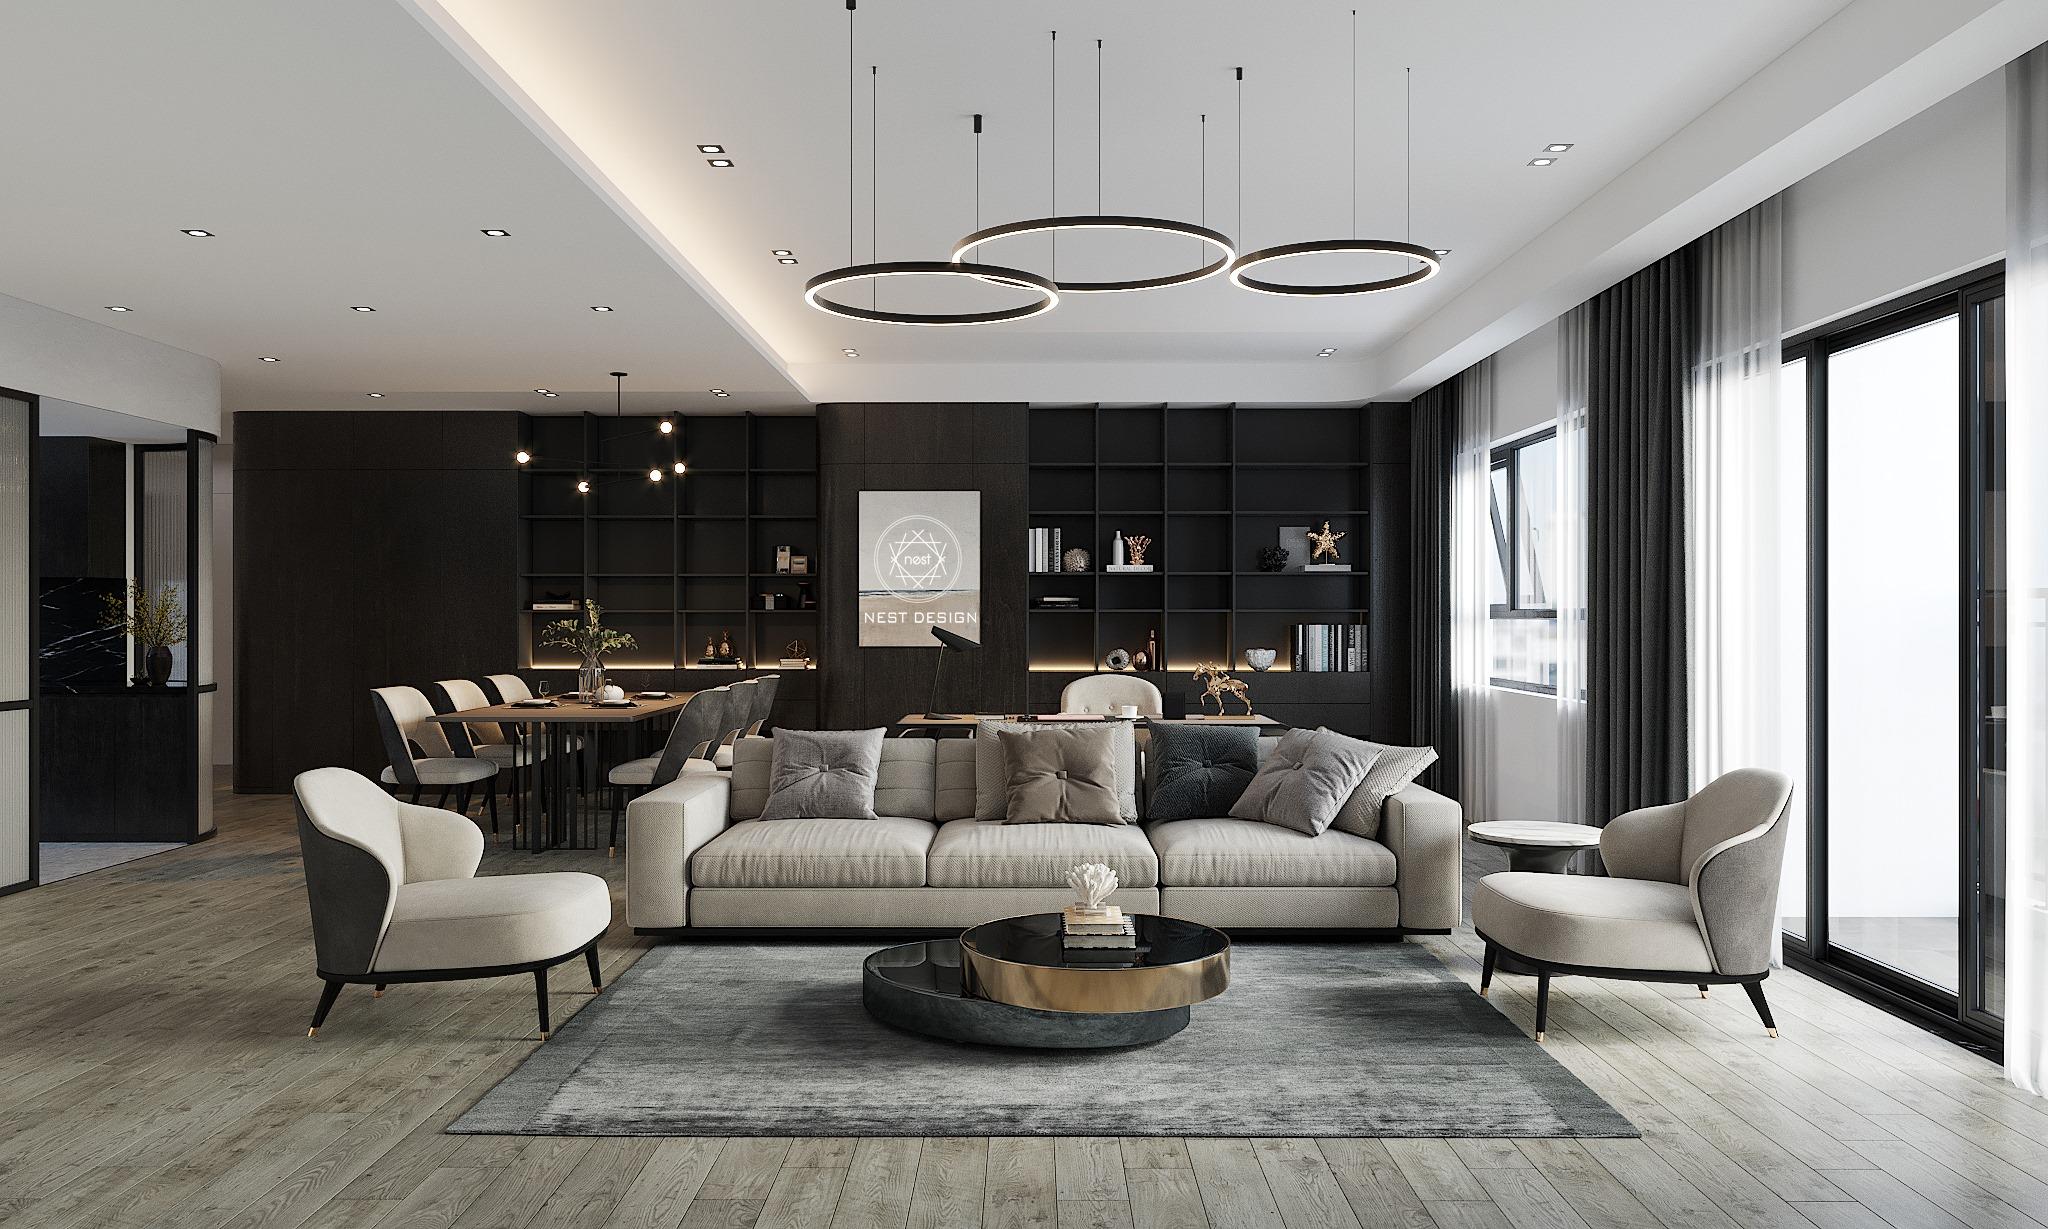 Tổng hợp các phong cách thiết kế nội thất tại Việt Nam   Nest Design   CÔNG TY CỔ PHẦN XÂY DỰNG THIẾT KẾ NỘI THẤT NEST DESIGN